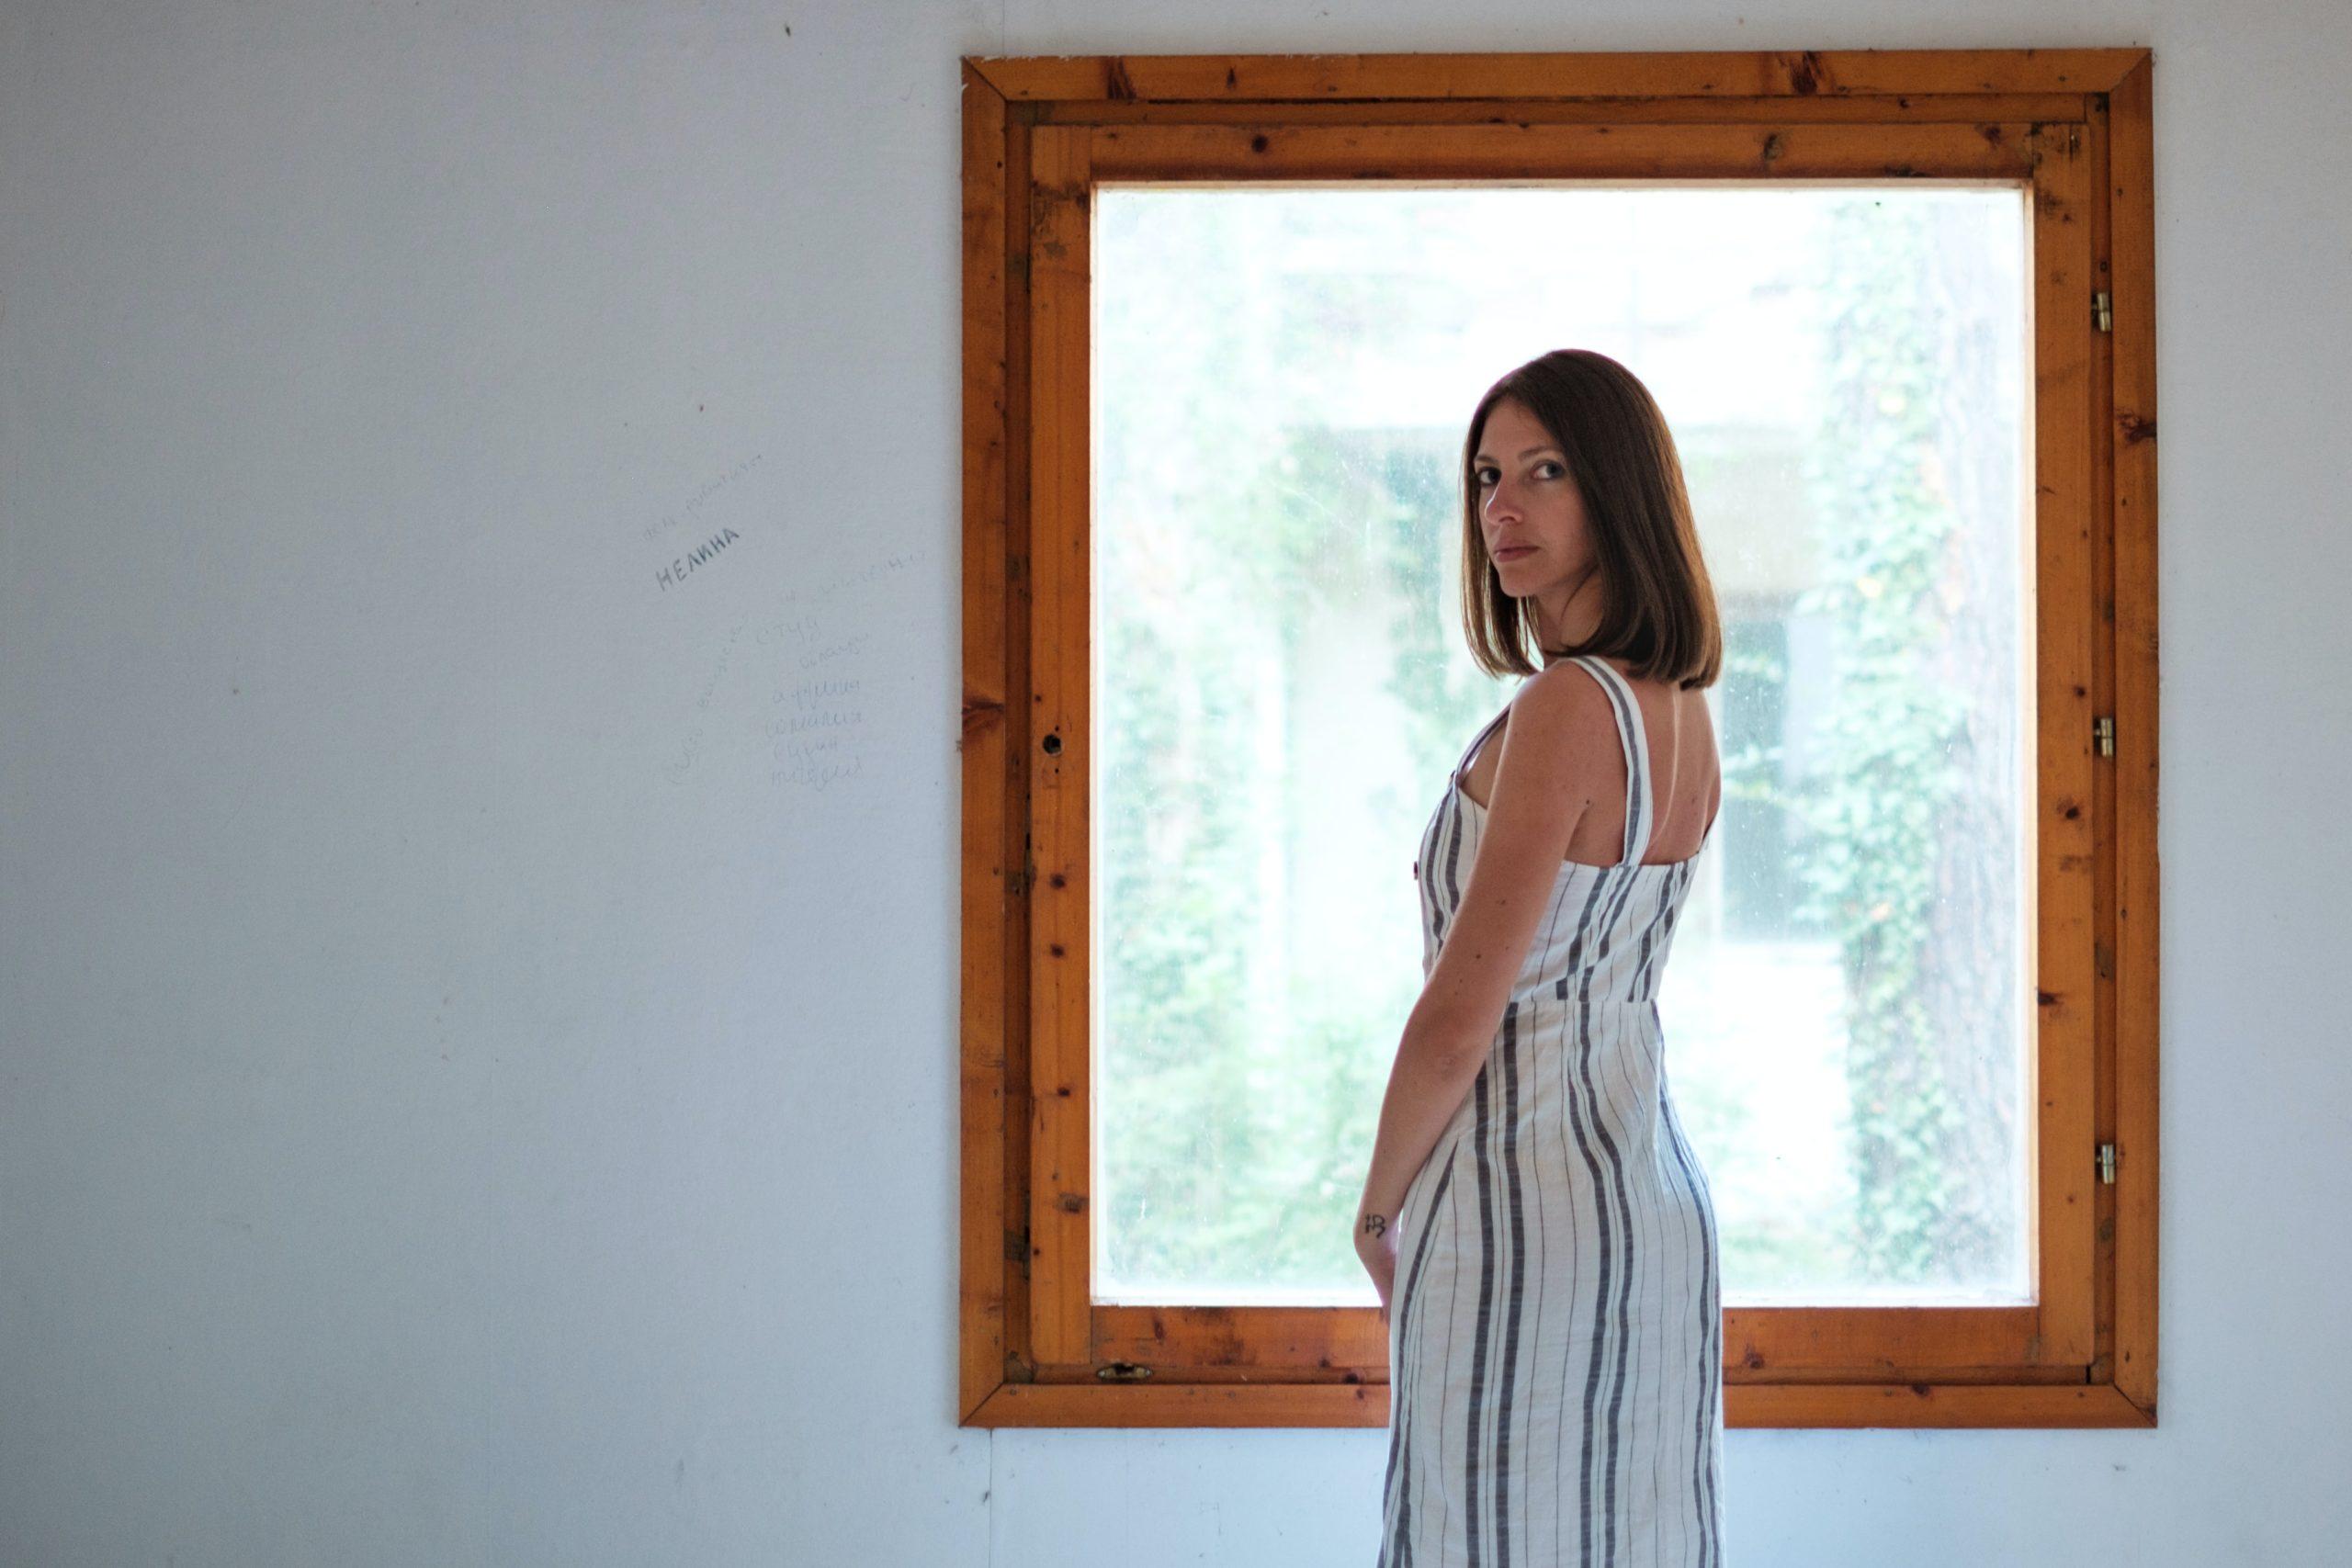 妊産婦および乳幼児健康診査とは